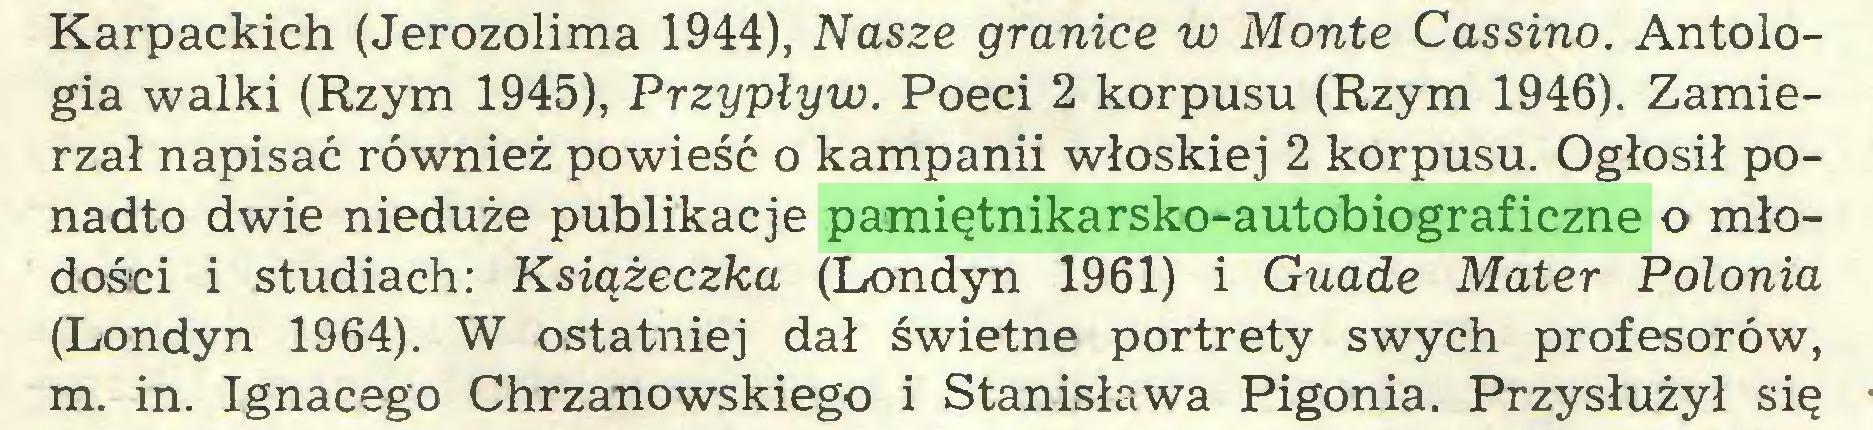 (...) Karpackich (Jerozolima 1944), Nasze granice w Monte Cassino. Antologia walki (Rzym 1945), Przypływ. Poeci 2 korpusu (Rzym 1946). Zamierzał napisać również powieść o kampanii włoskiej 2 korpusu. Ogłosił ponadto dwie nieduże publikacje pamiętnikarsko-autobiograficzne o młodości i studiach: Książeczka (Londyn 1961) i Guade Mater Polonia (Londyn 1964). W ostatniej dał świetne portrety swych profesorów, m. in. Ignacego Chrzanowskiego i Stanisława Pigonia. Przysłużył się...